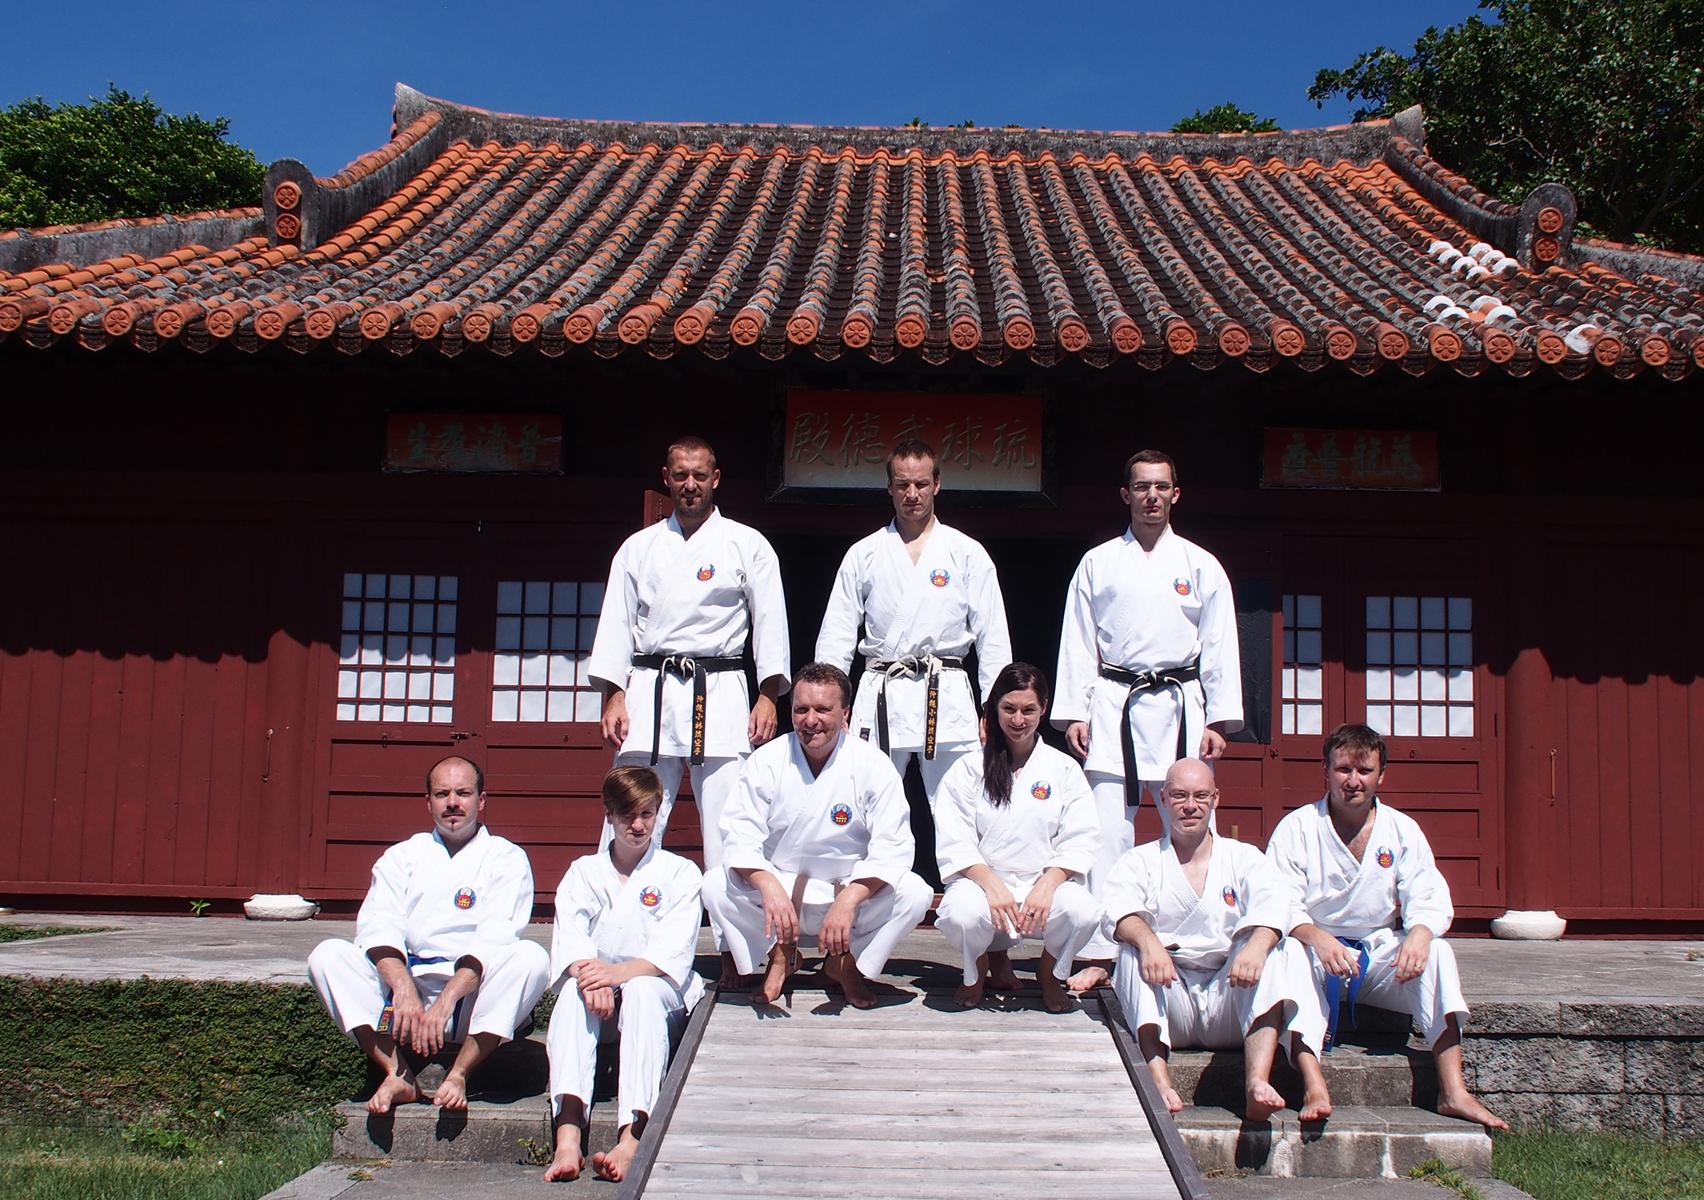 Mezinárodní seminář WOF Okinawa Shorin-ryu Karate & Okinawa Kobudo (16. - 19.8.2017, Naha - Okinawa) @ Naha (Okinawa)